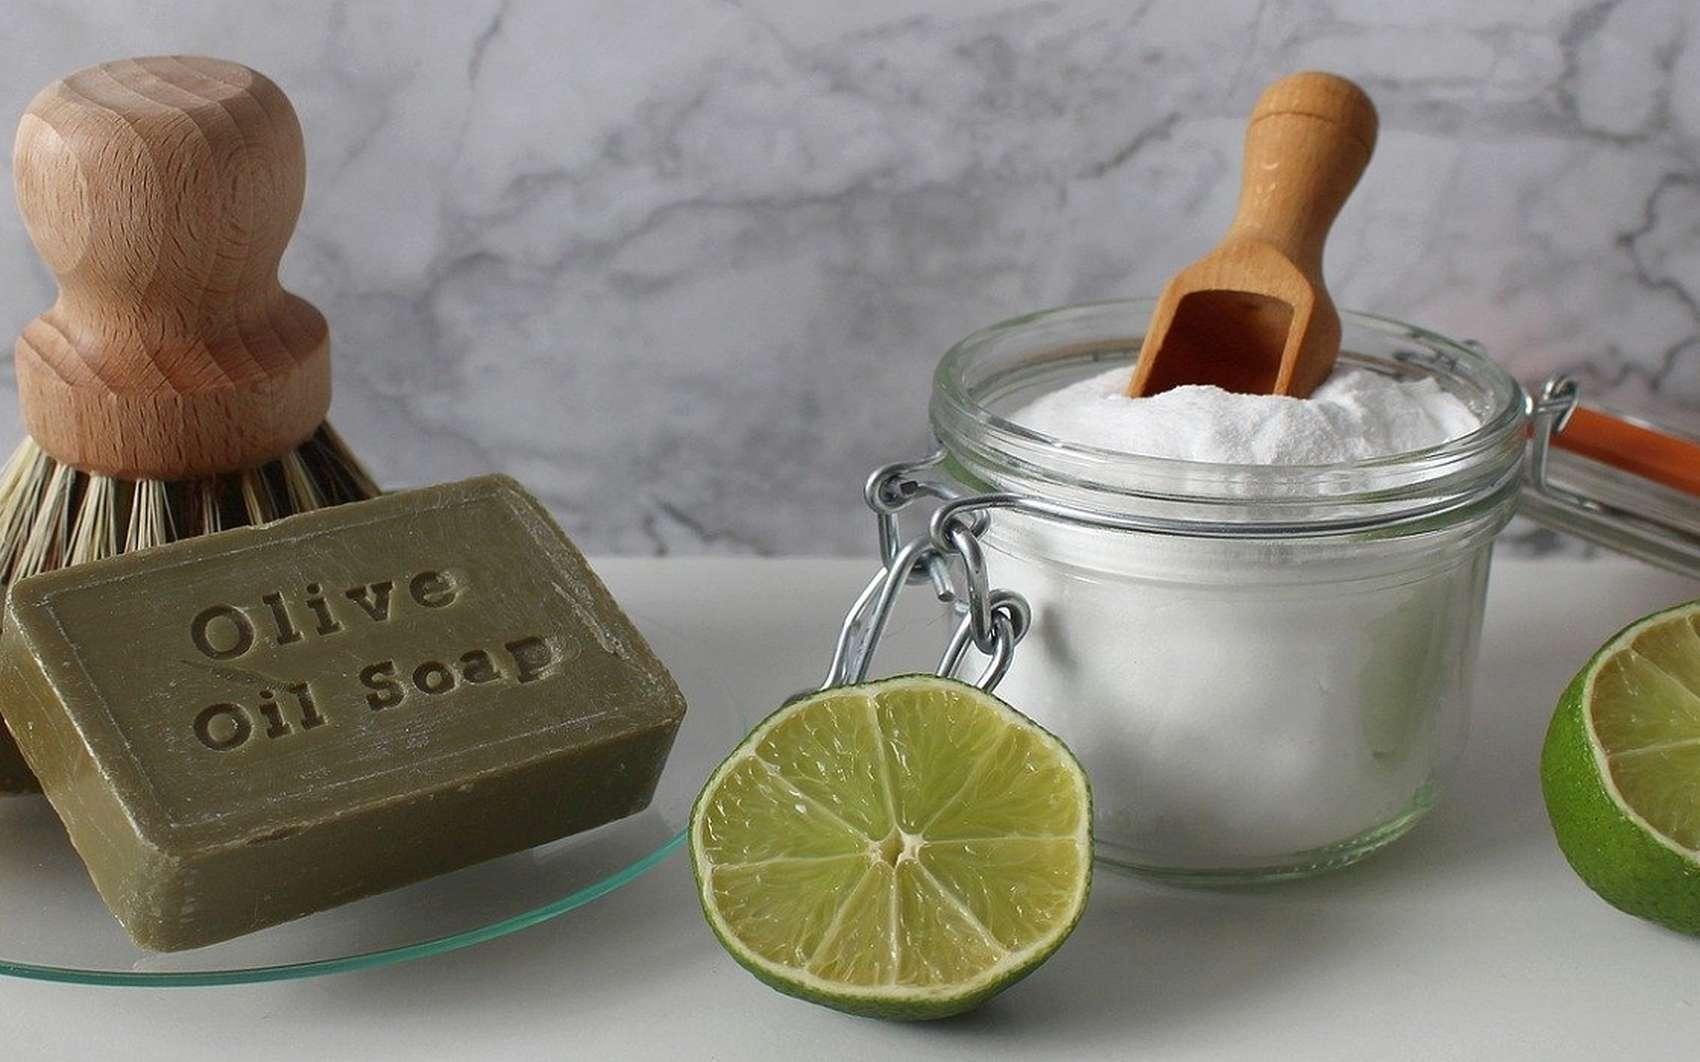 Fabriquer ses propres cosmétiques permet de maîtriser la composition des produits que l'on s'applique quotidiennement sur la peau. © kerdkanno, Pixabay